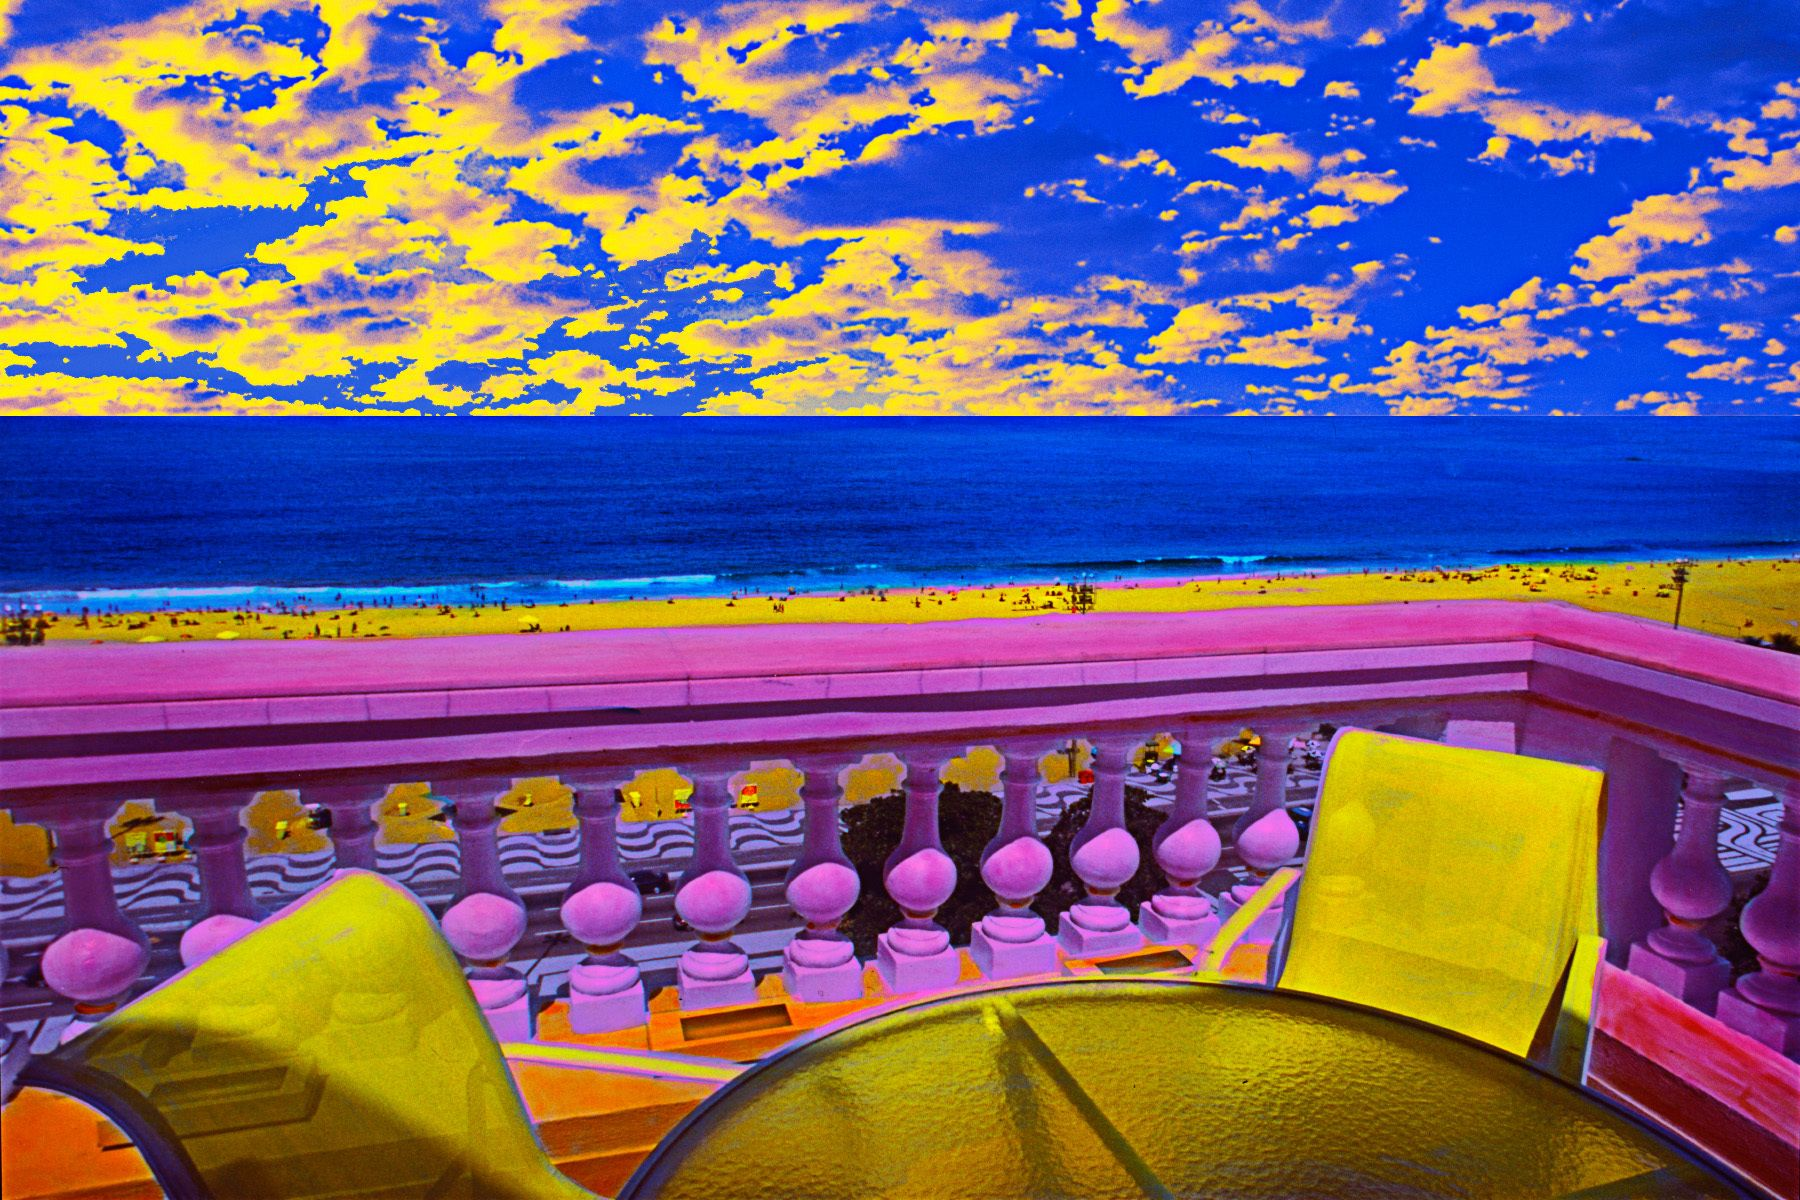 12_0_60_1d_janegottlieb_copa_terrace_new_sky.jpg